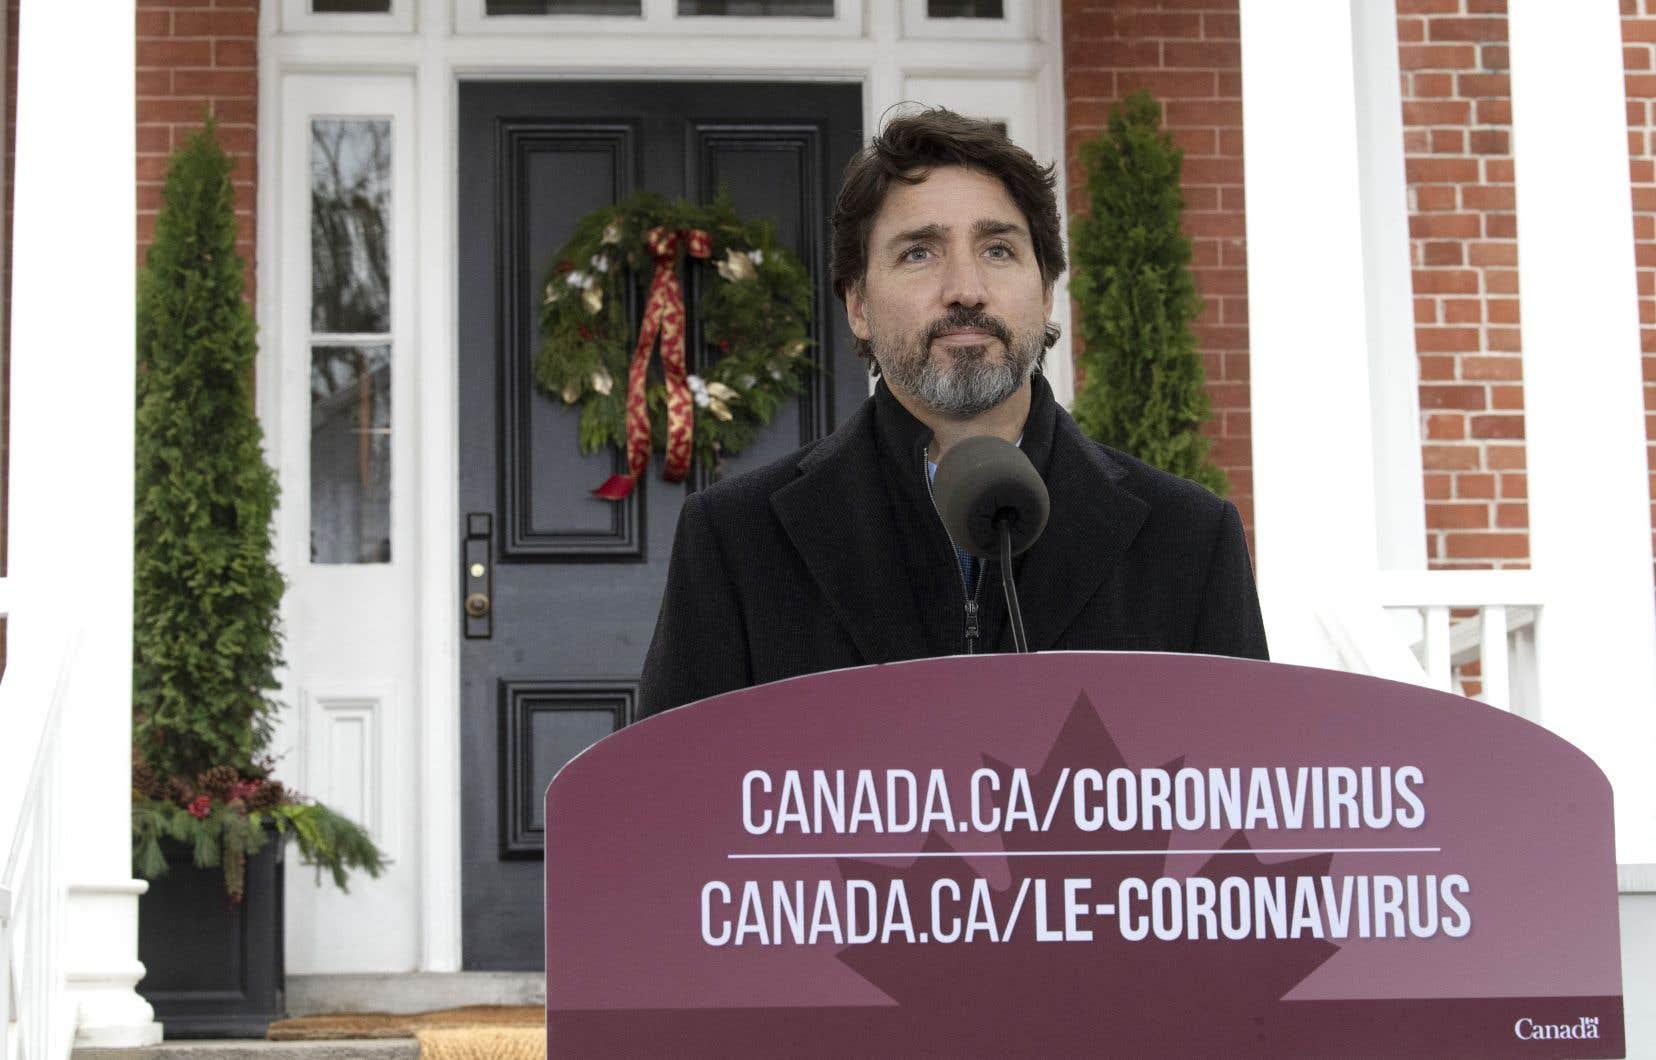 Le premier ministre, Justin Trudeau, a livré un long plaidoyer invitant les citoyens à renouer avec des comportements plus sécuritaires.